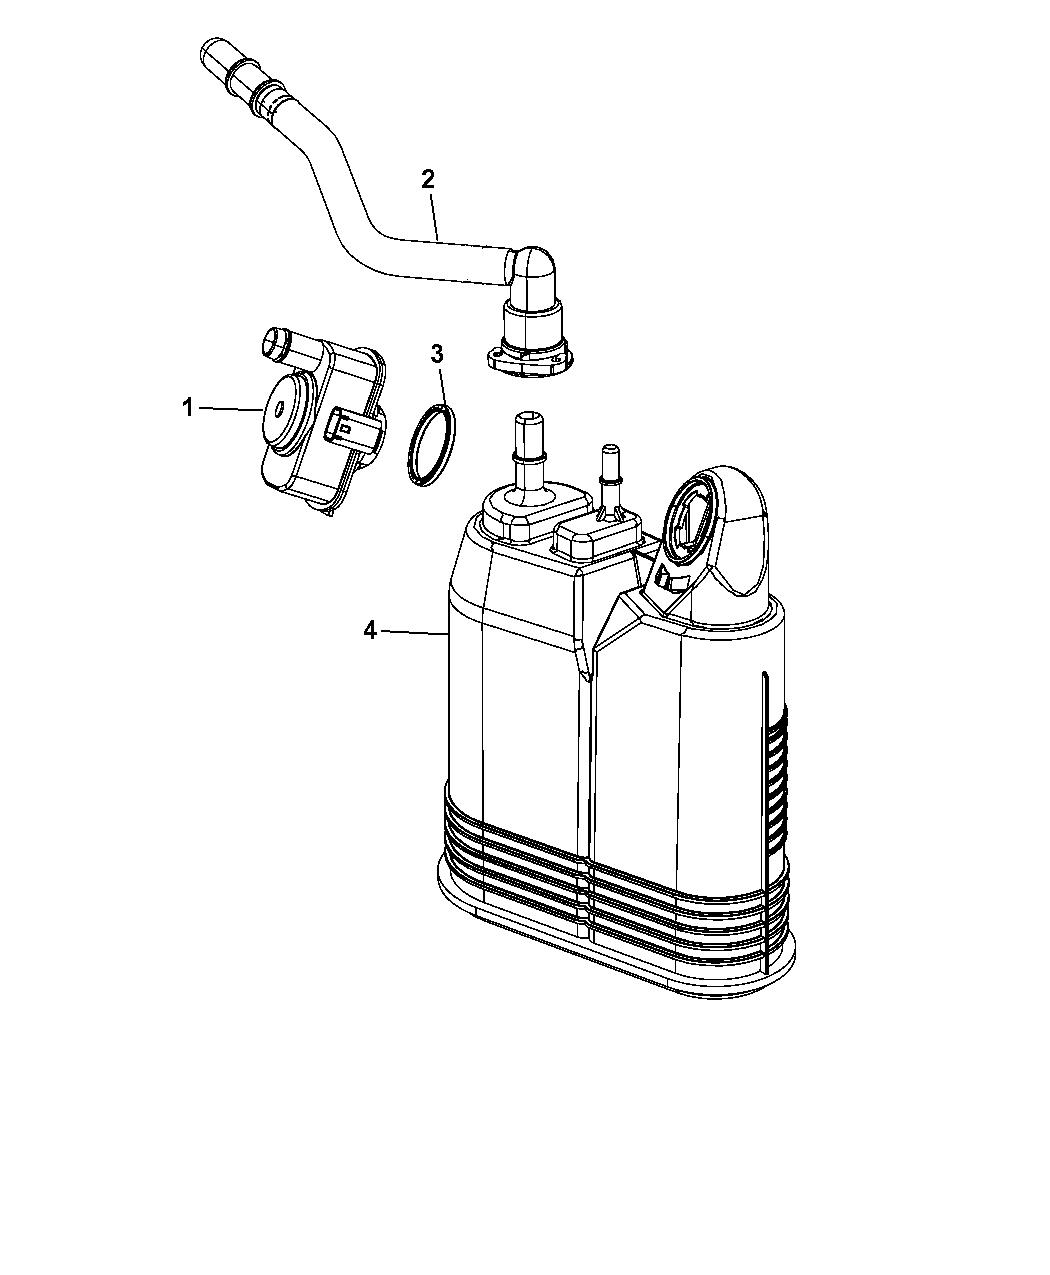 Dodge Durango Vapor Canister Amp Leak Detection Pump